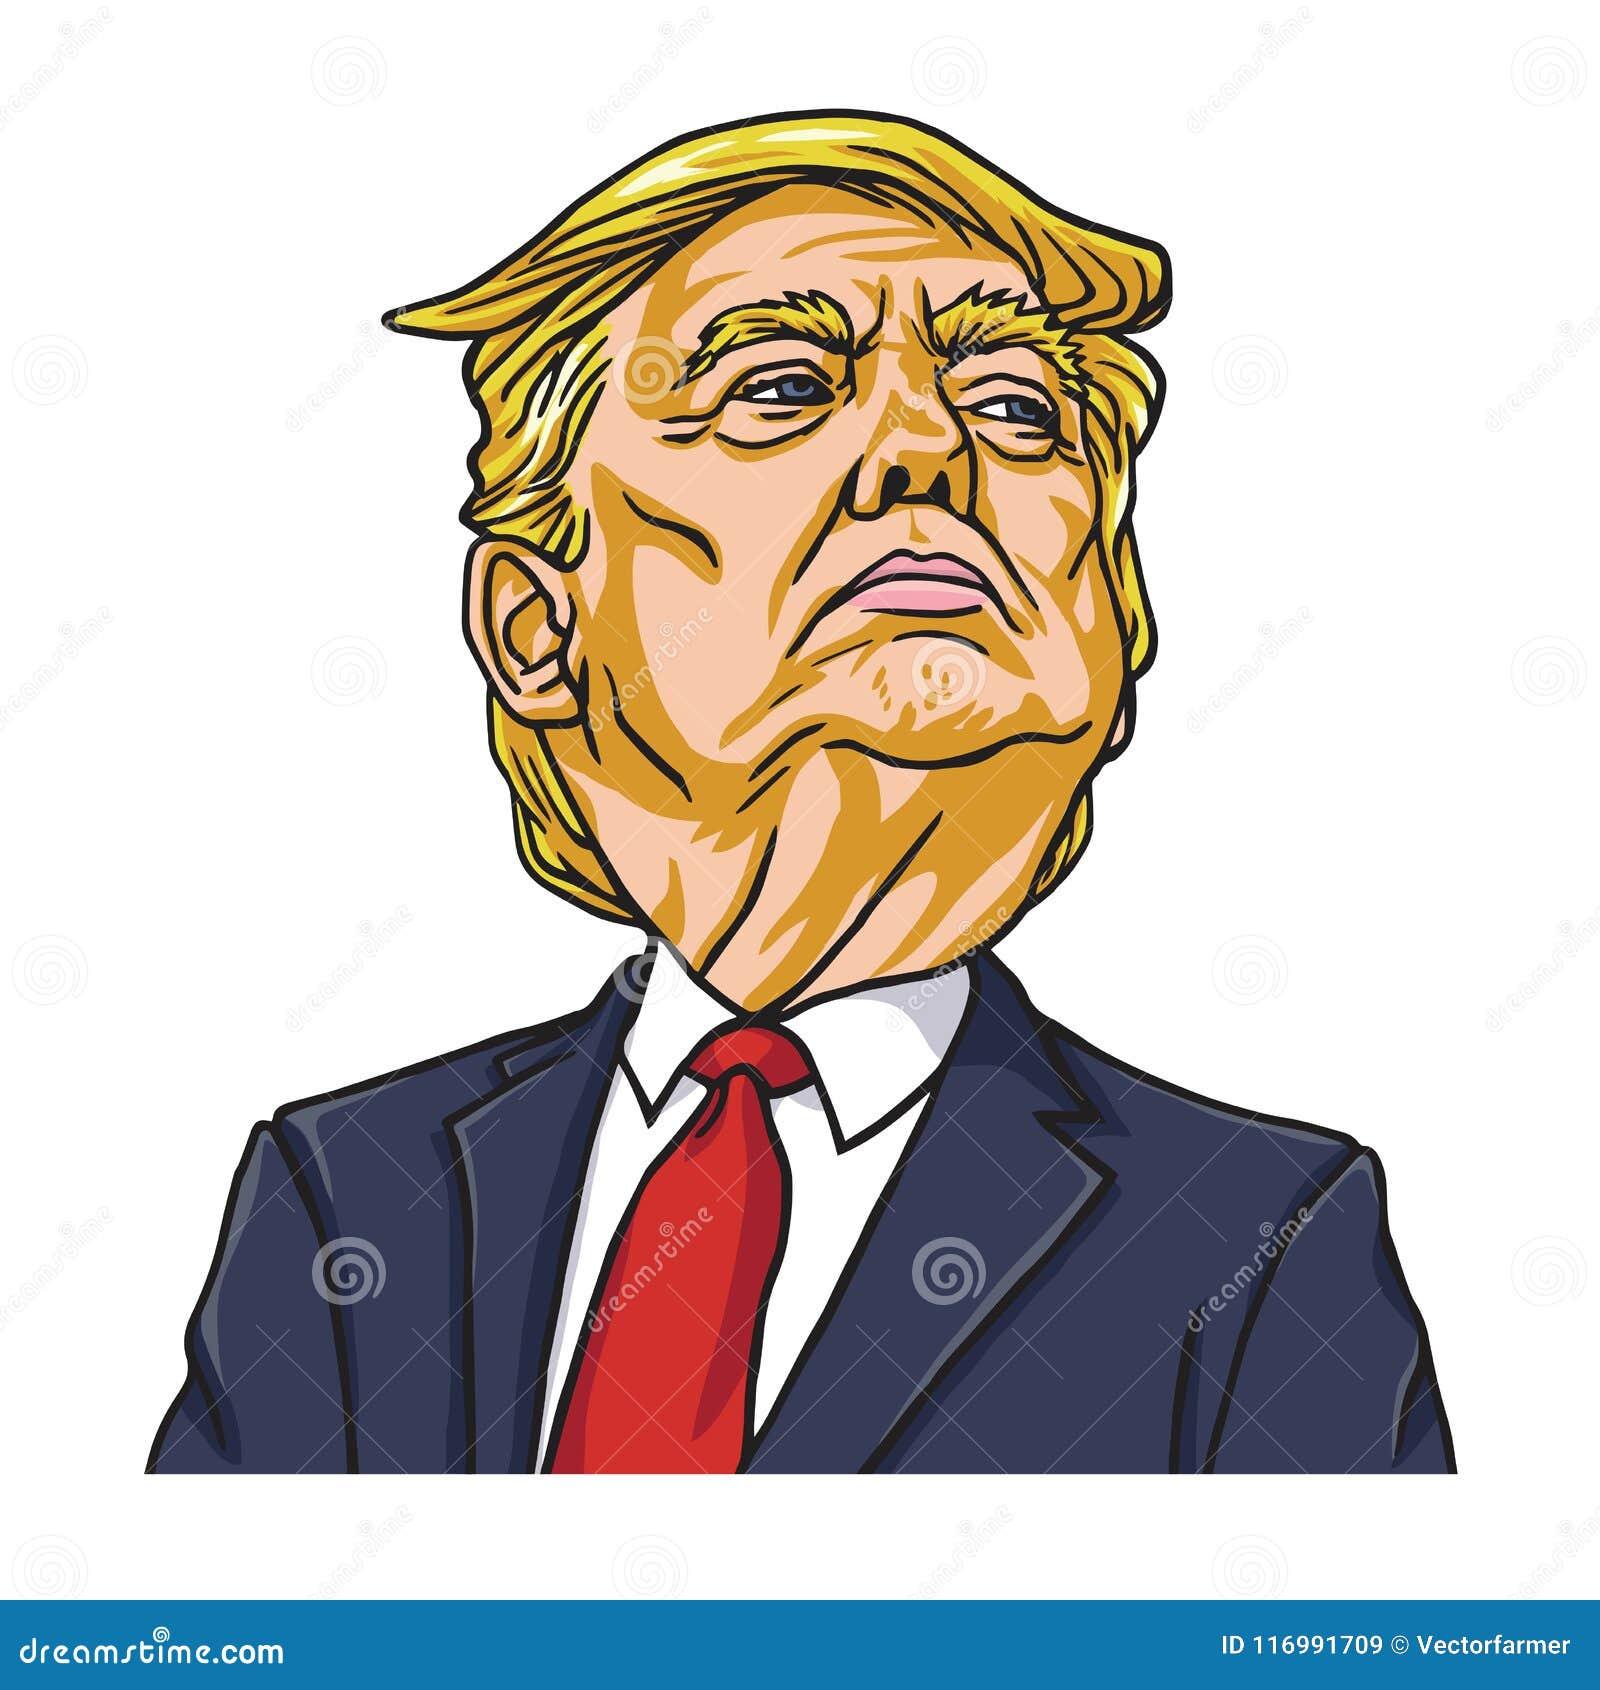 Ντόναλντ Τραμπ ο Πρόεδρος των Ηνωμένων Πολιτειών της Αμερικής cartoon Ουάσιγκτον, στις 19 Μαΐου 2018